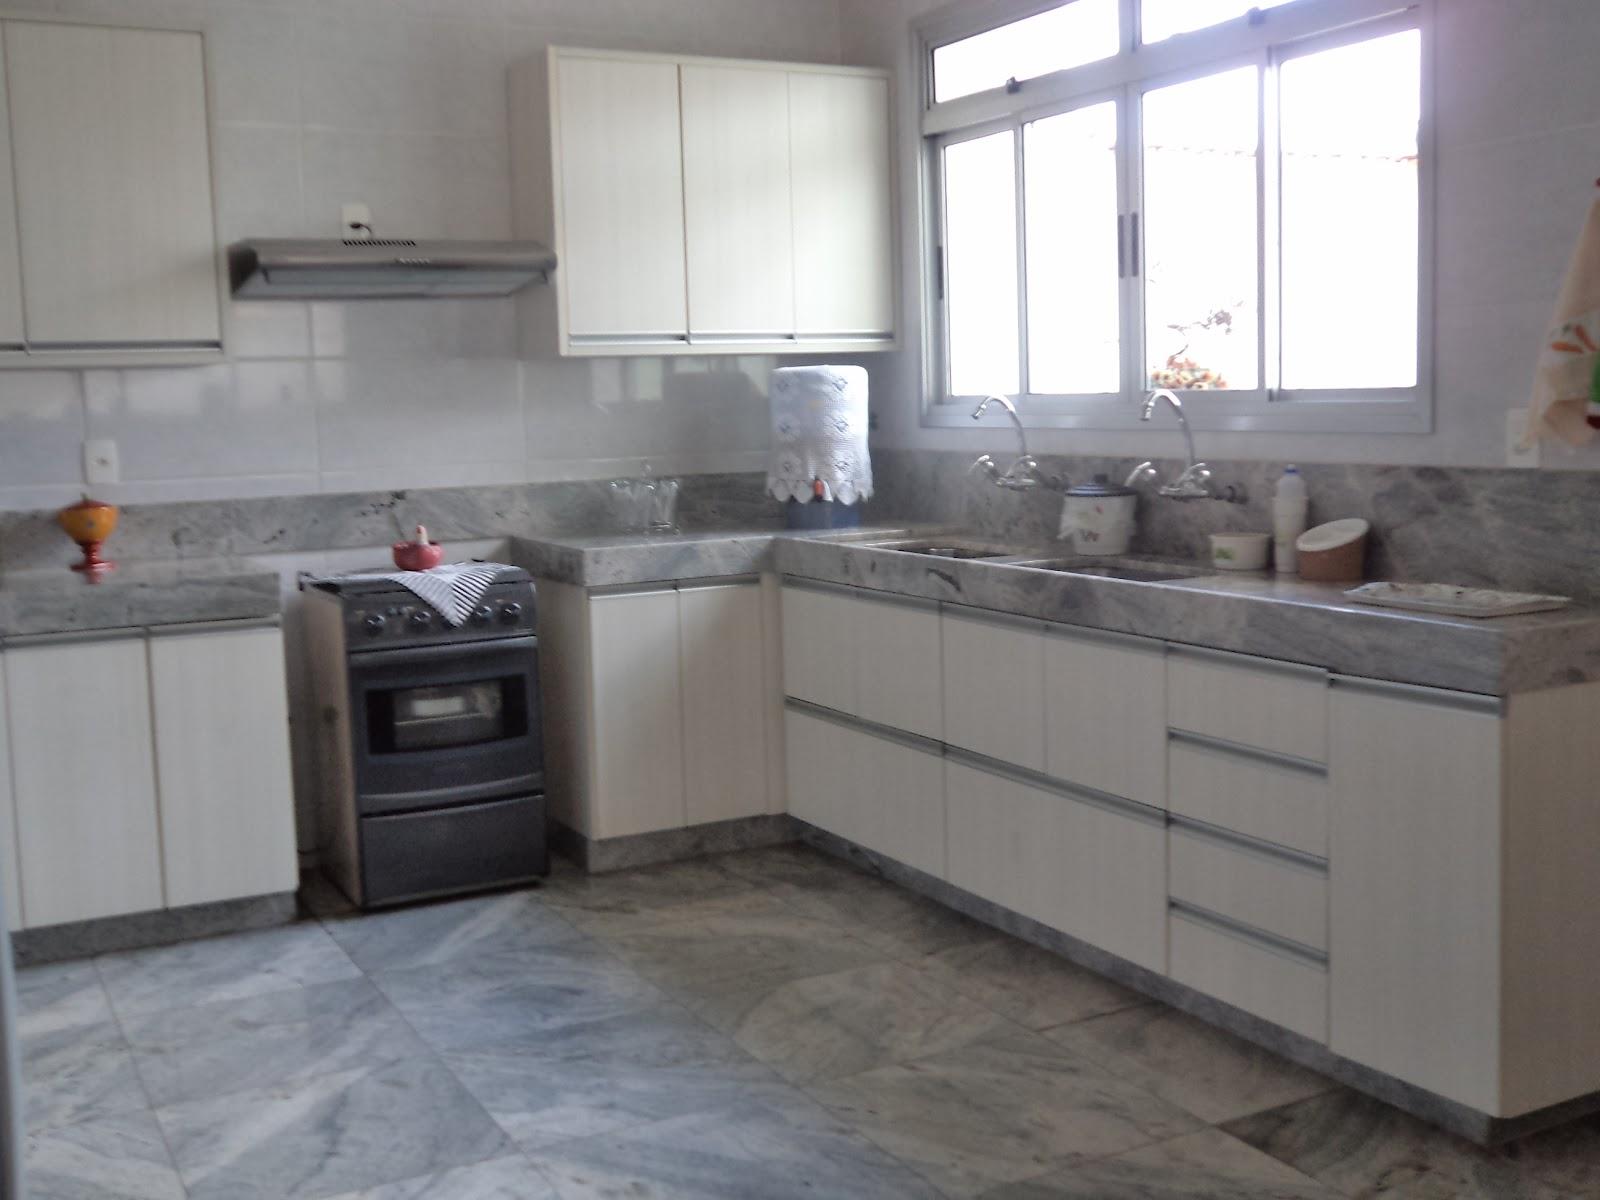 Outro lado da cozinha daqui de casa apesar de gostar de cores mais  #586074 1600 1200